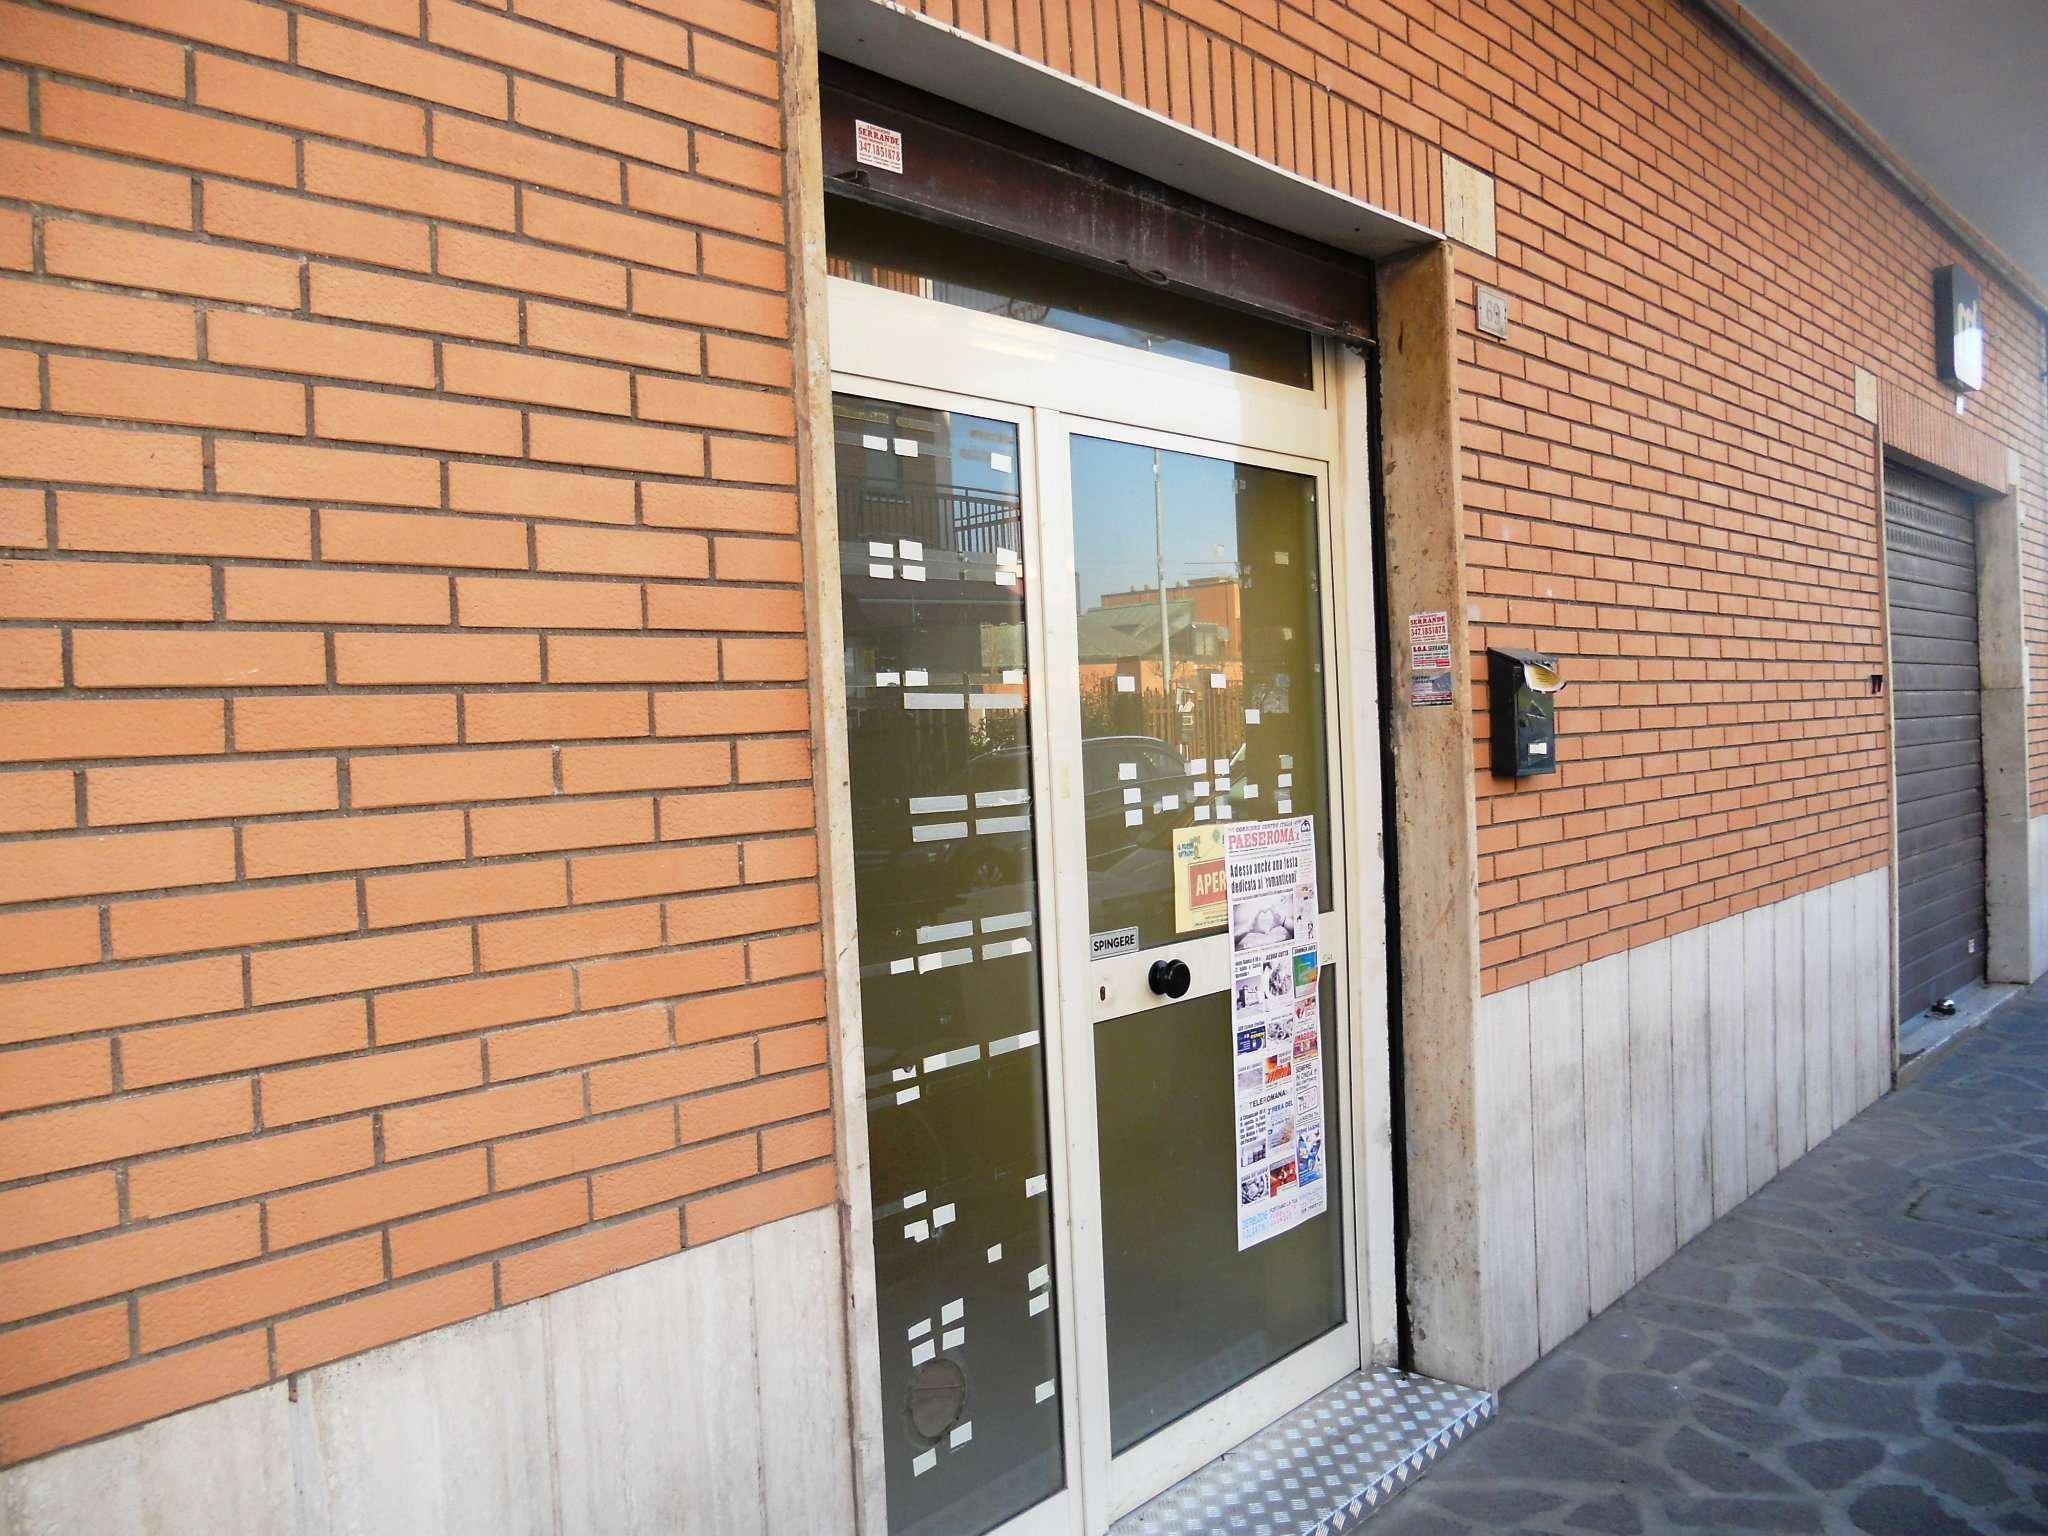 Negozio / Locale in affitto a Guidonia Montecelio, 2 locali, prezzo € 450 | CambioCasa.it